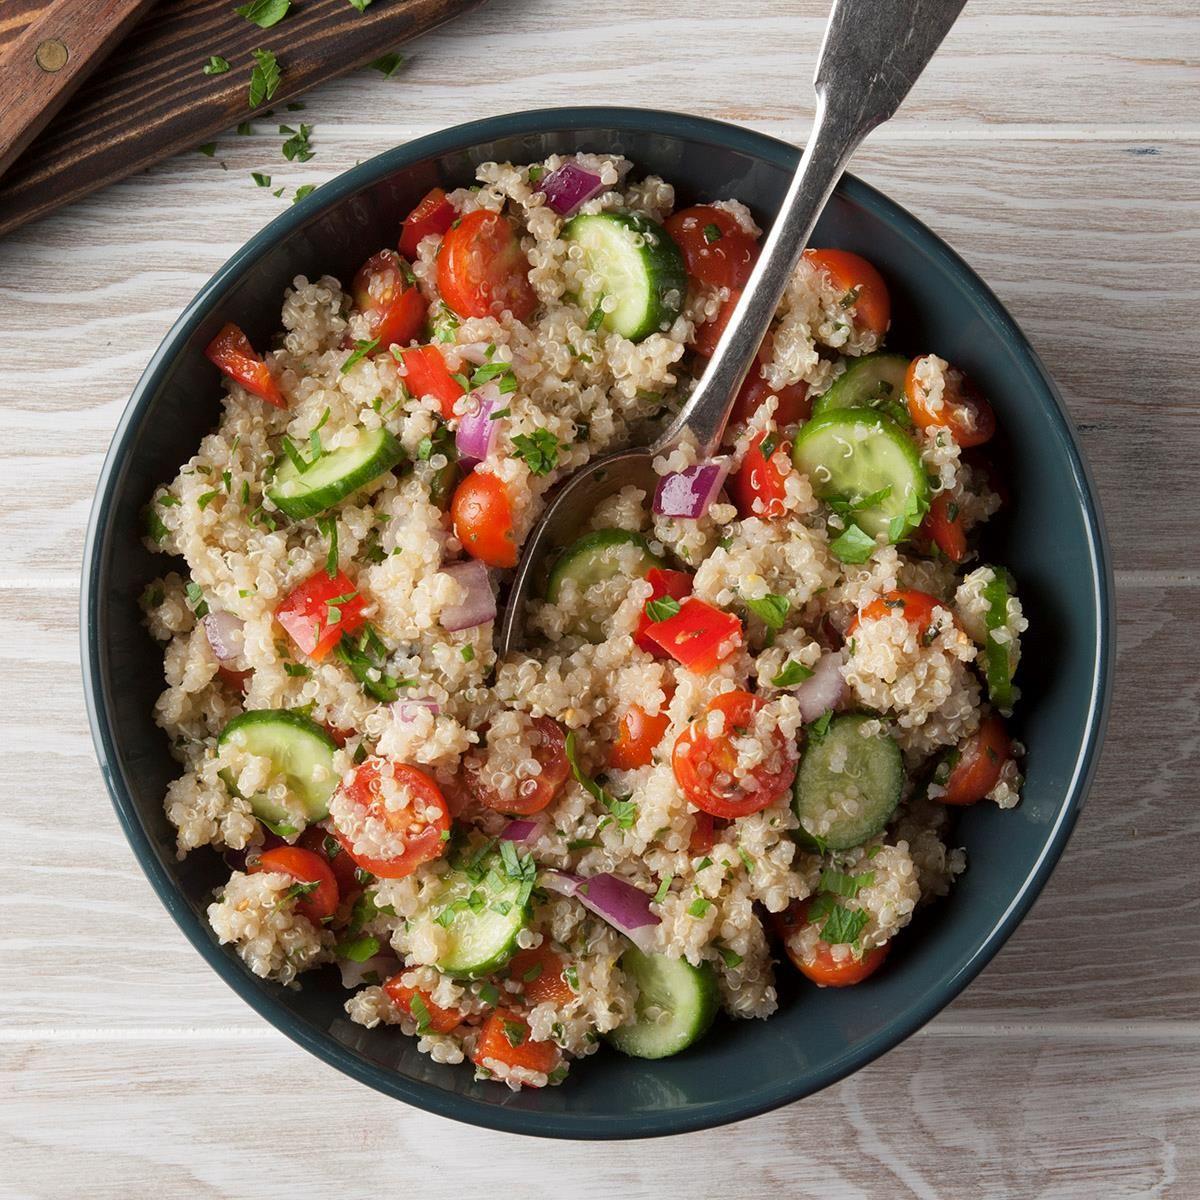 Vegan Quinoa Salad Recipe Side Dishes Easy Healthy Salad Recipes Vegan Quinoa Salad Recipes